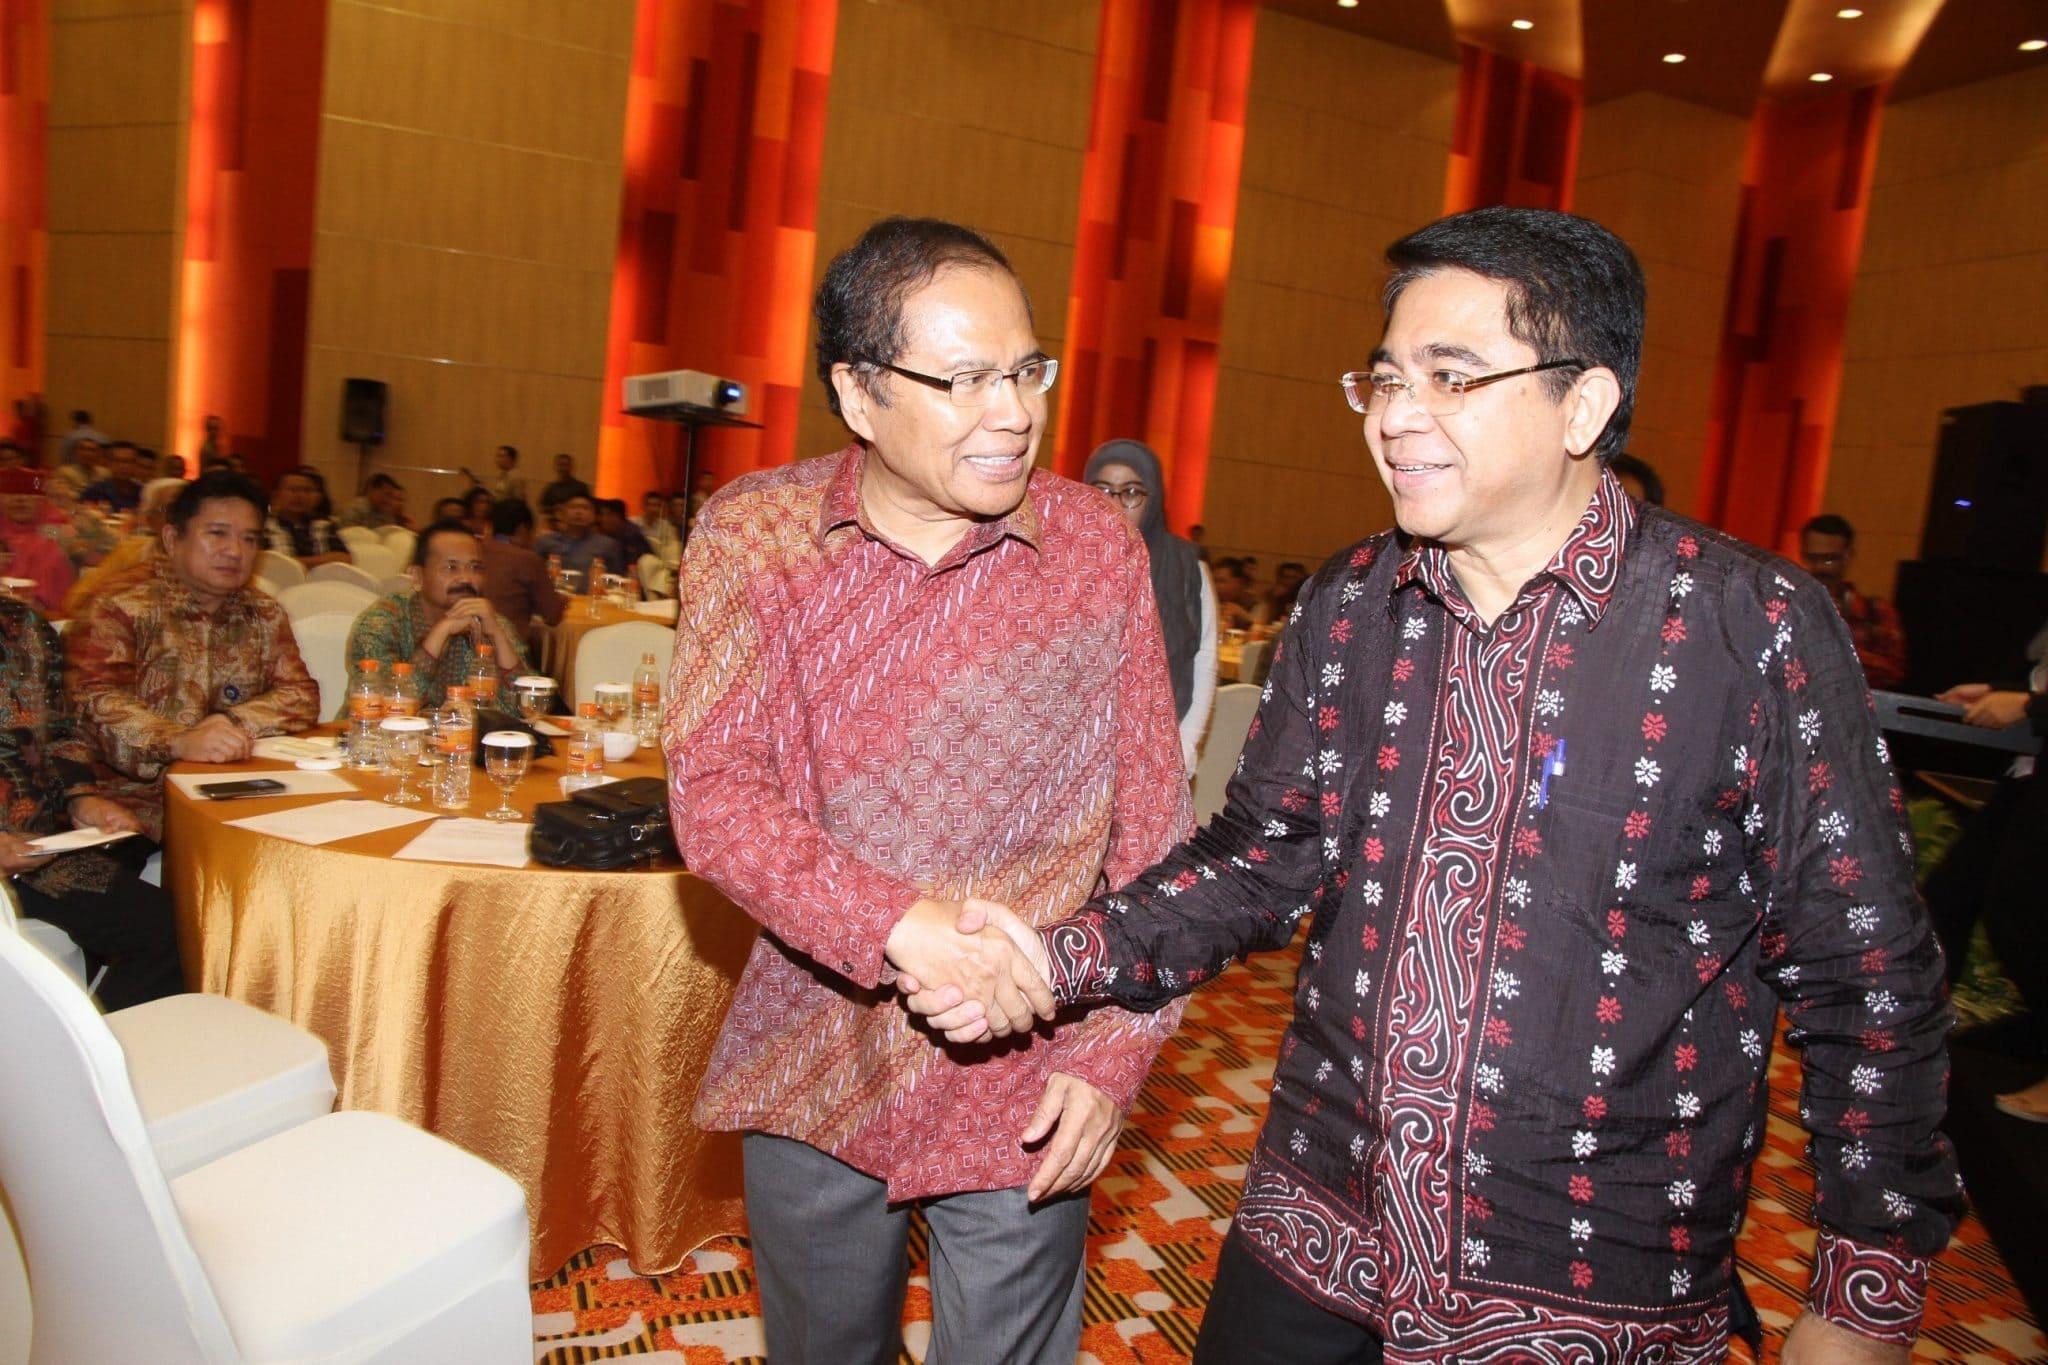 Revaluasi Aset Sudah Capai Rp800 Triliun, Bisa Tingkatkan Pertumbuhan Ekonomi Indonesia Jadi 6 Persen